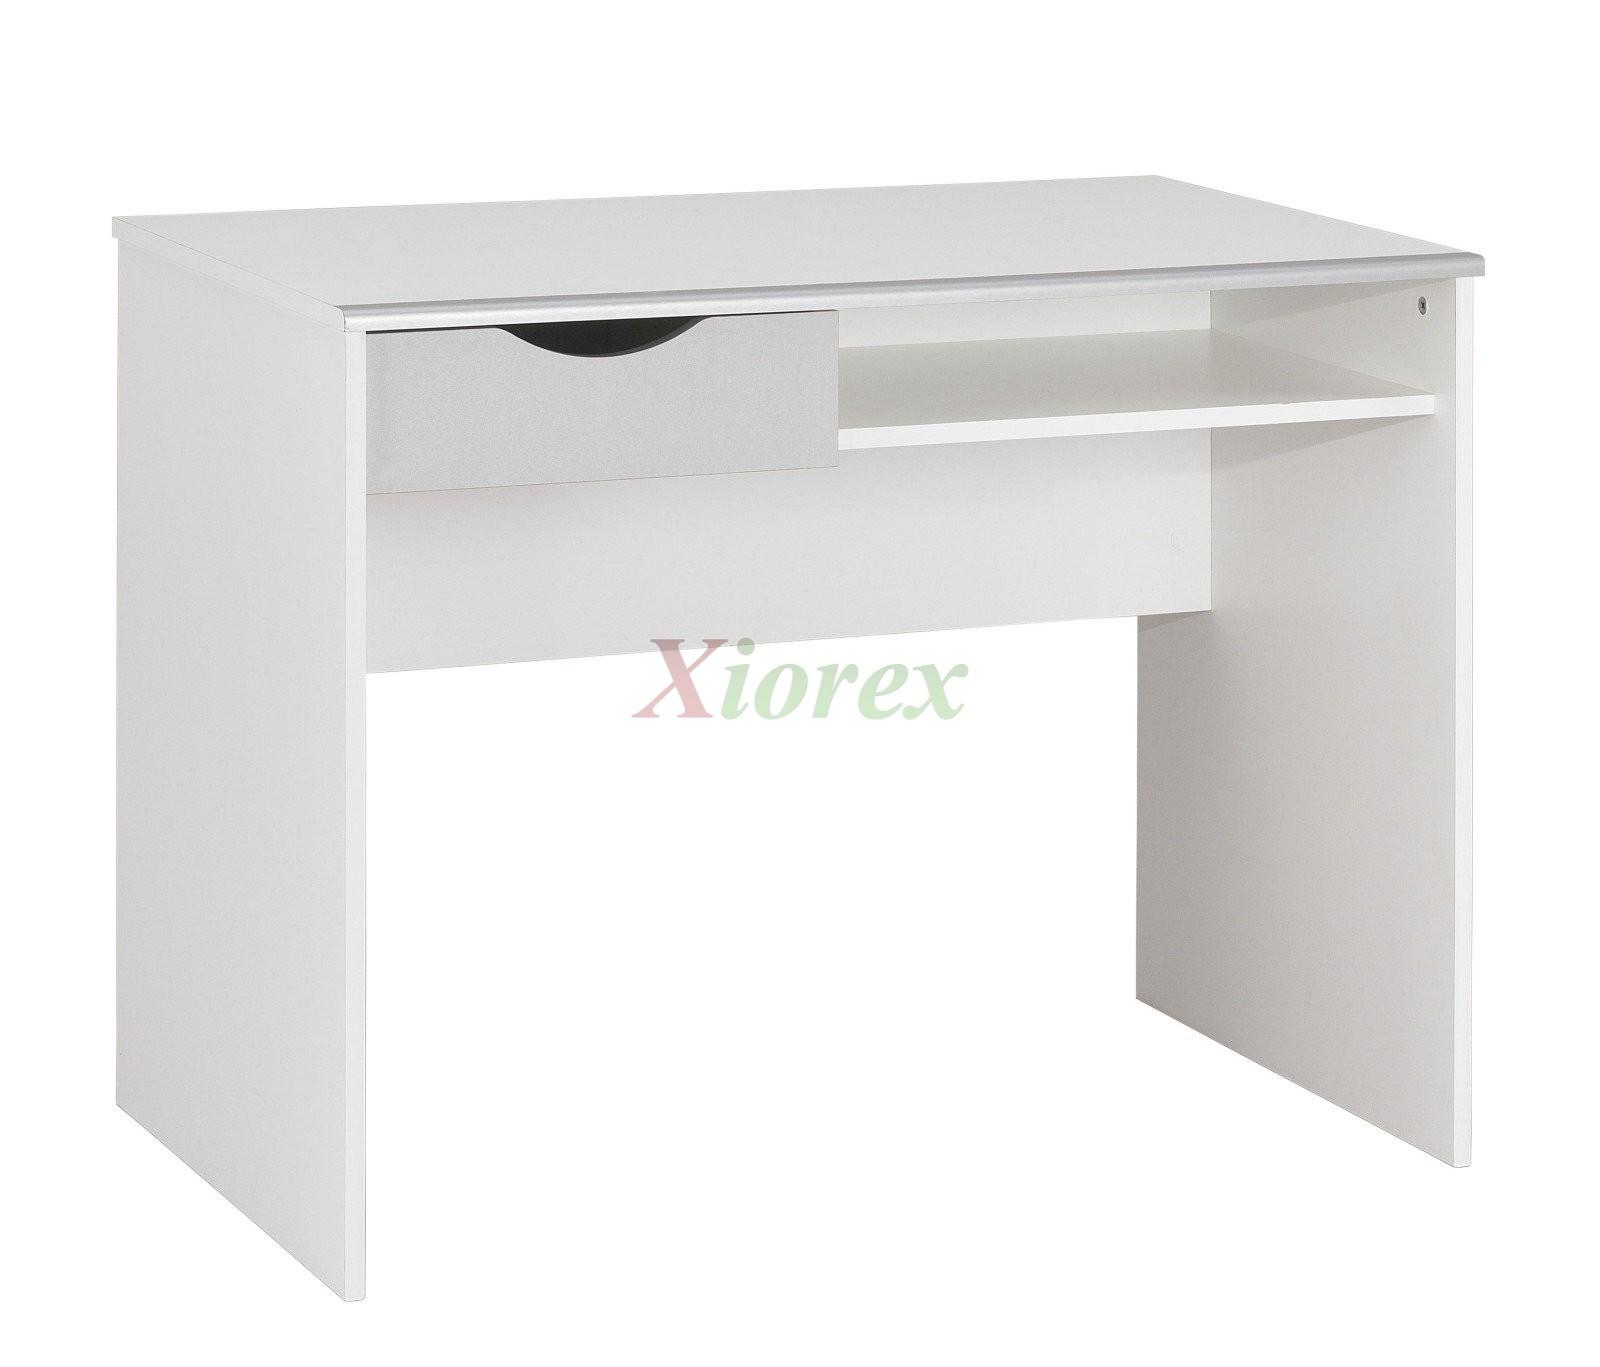 kids desk gami moov white student desk for kids by gautier xiorex. Black Bedroom Furniture Sets. Home Design Ideas